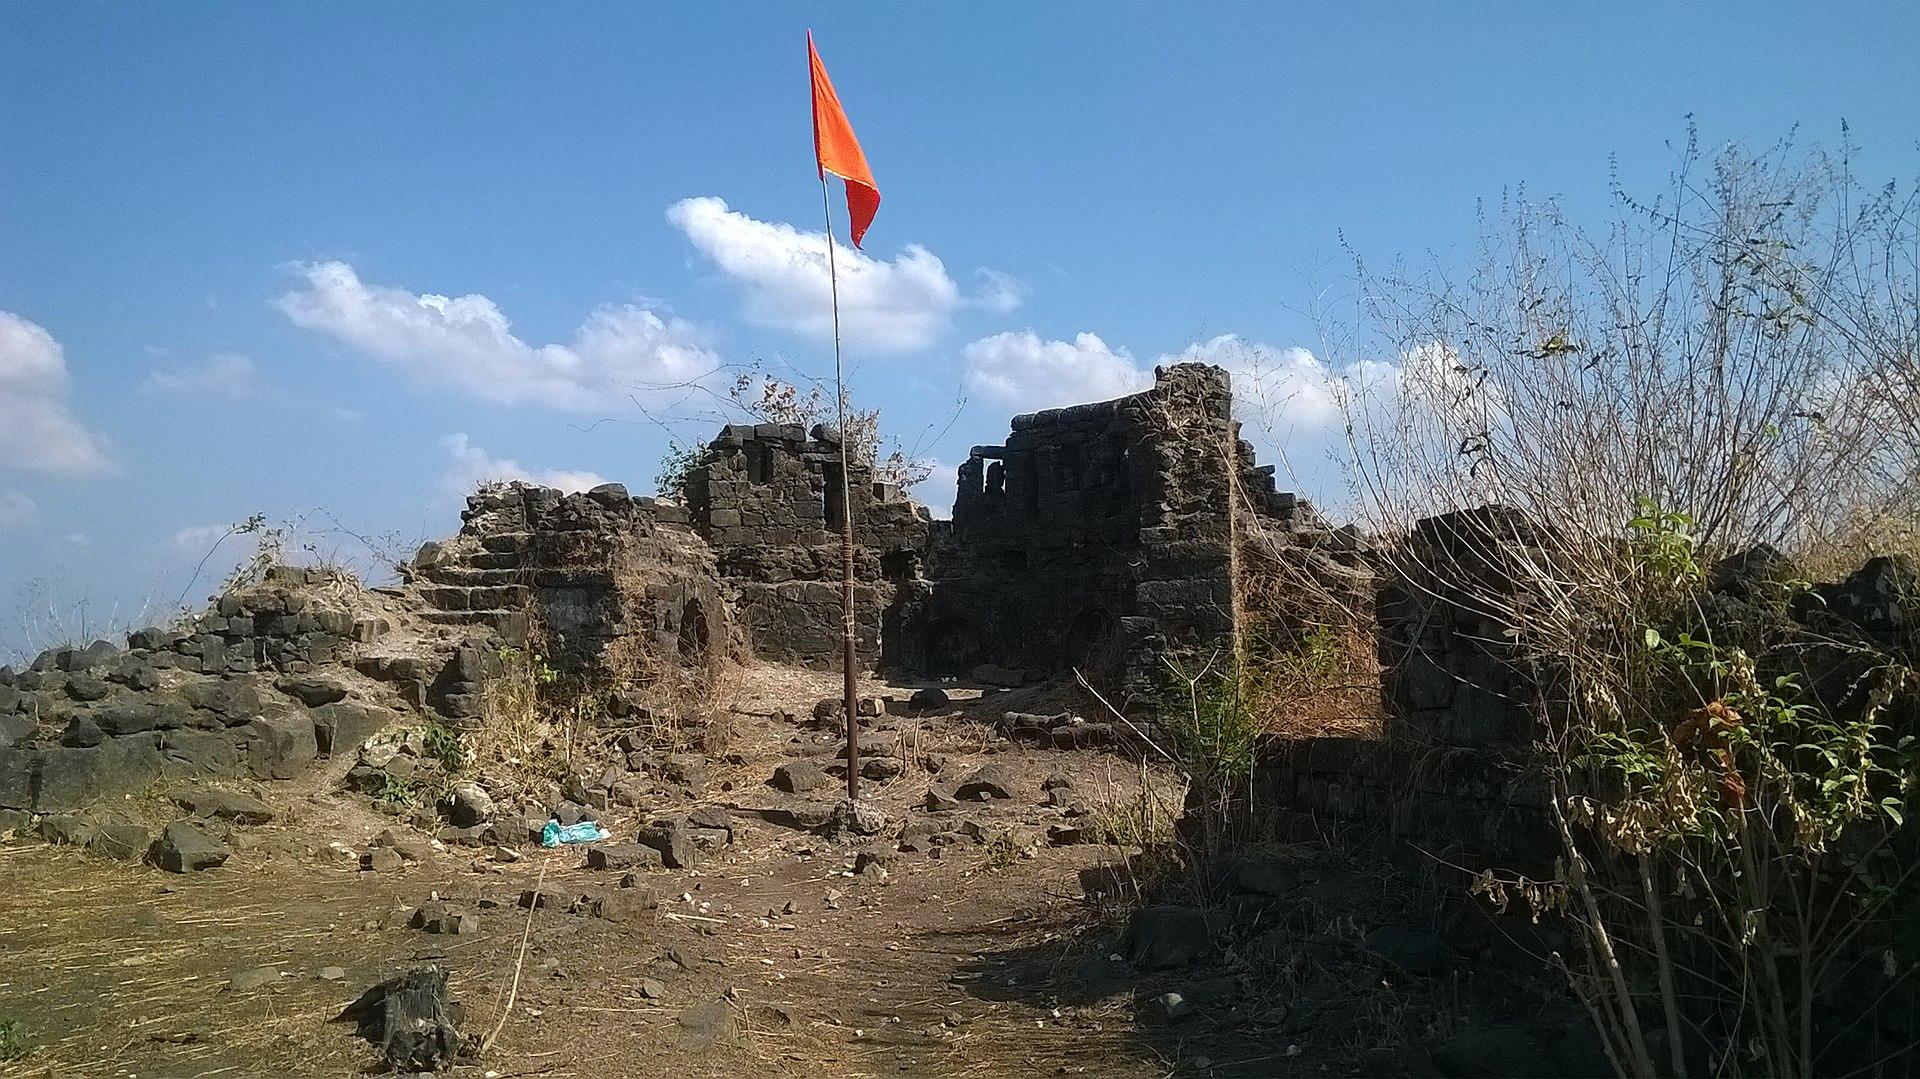 Talagad Fort - Of Unknown Origin